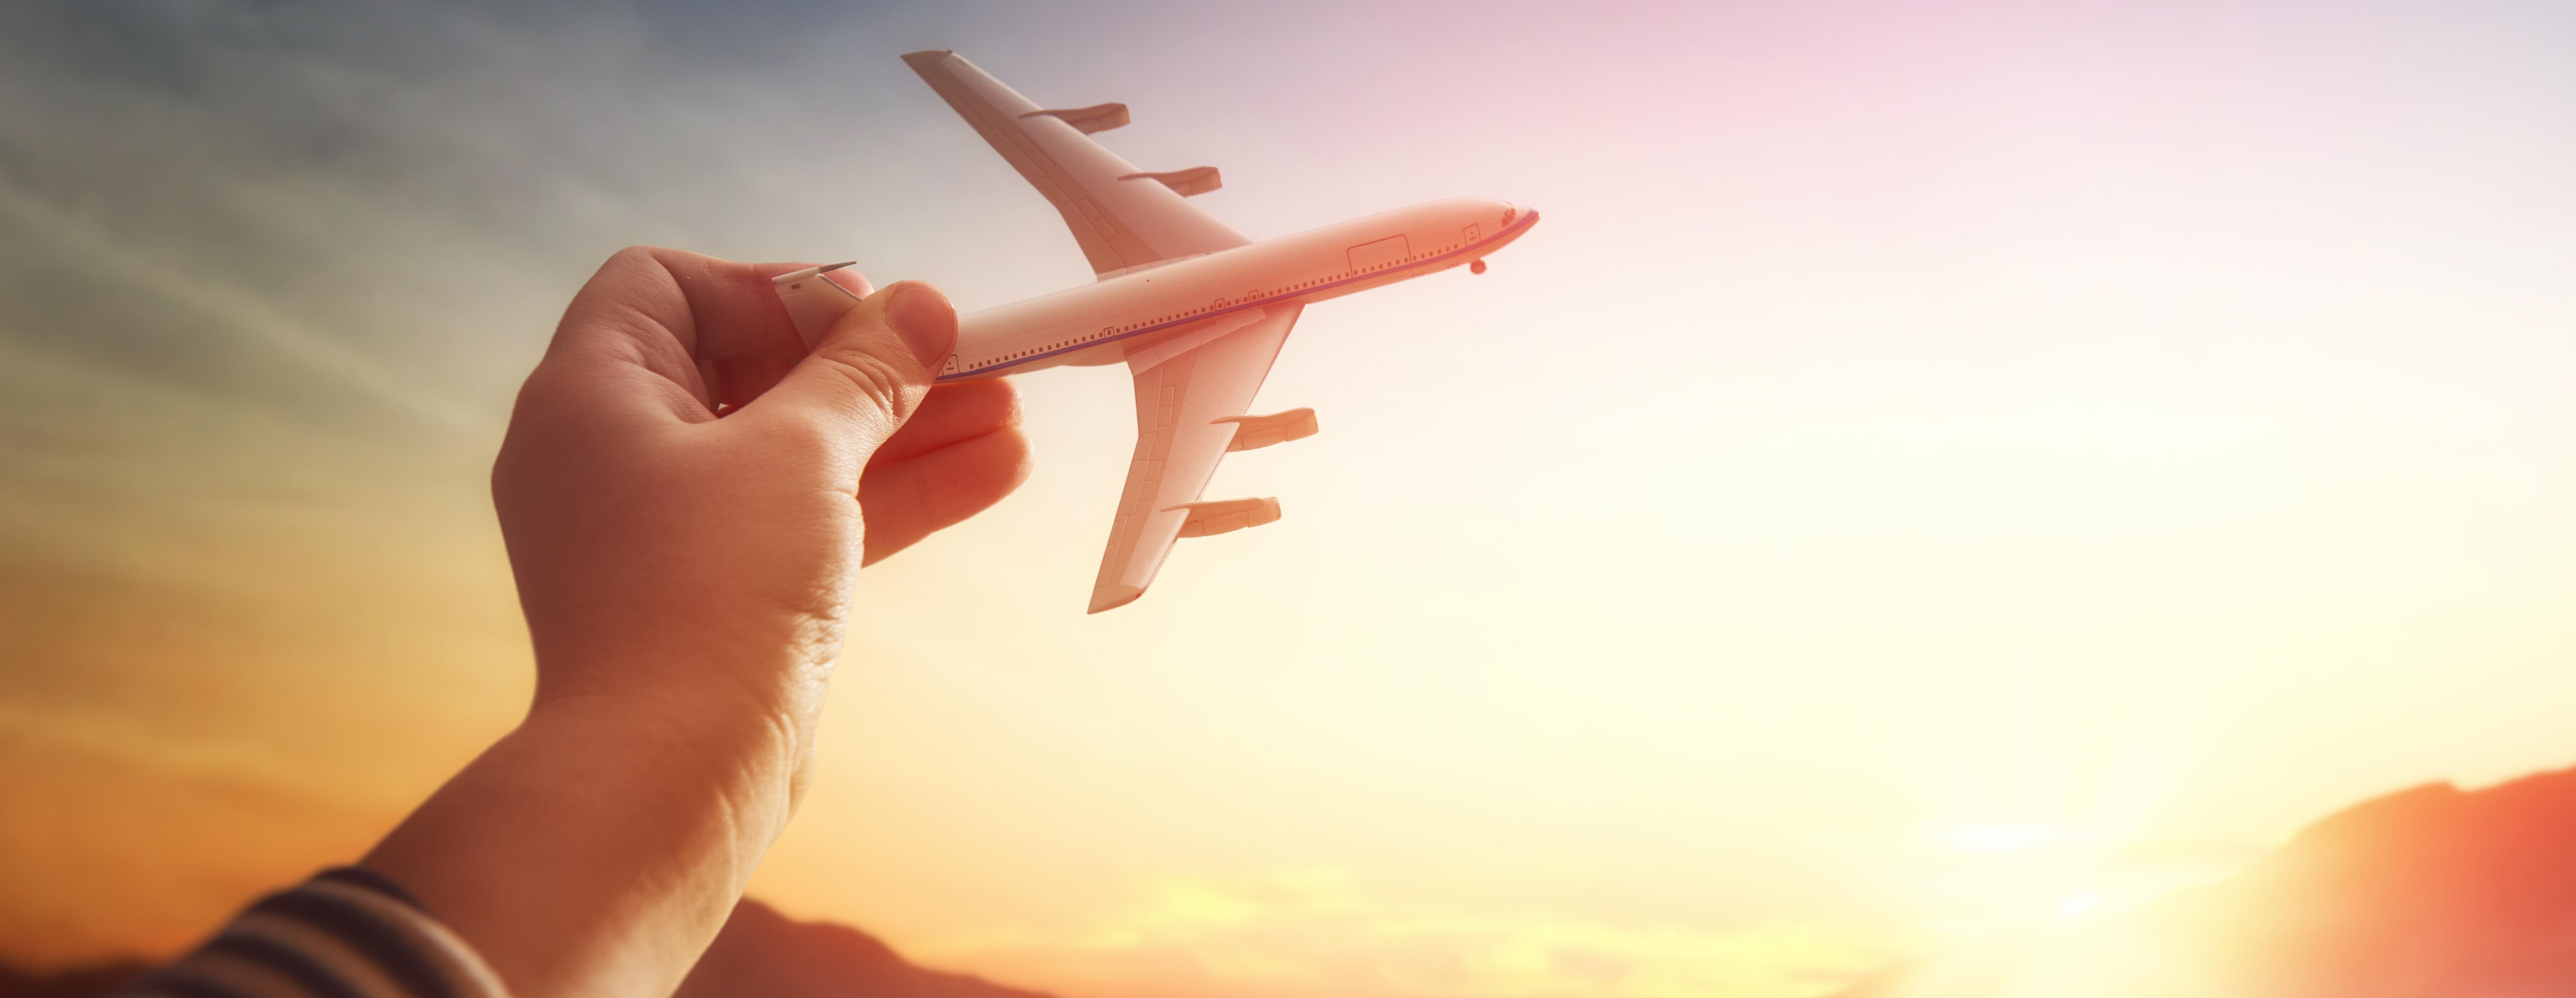 Voxel Group i la fintech Kantox s'alien per impulsar els pagaments B2B a la indústria turística